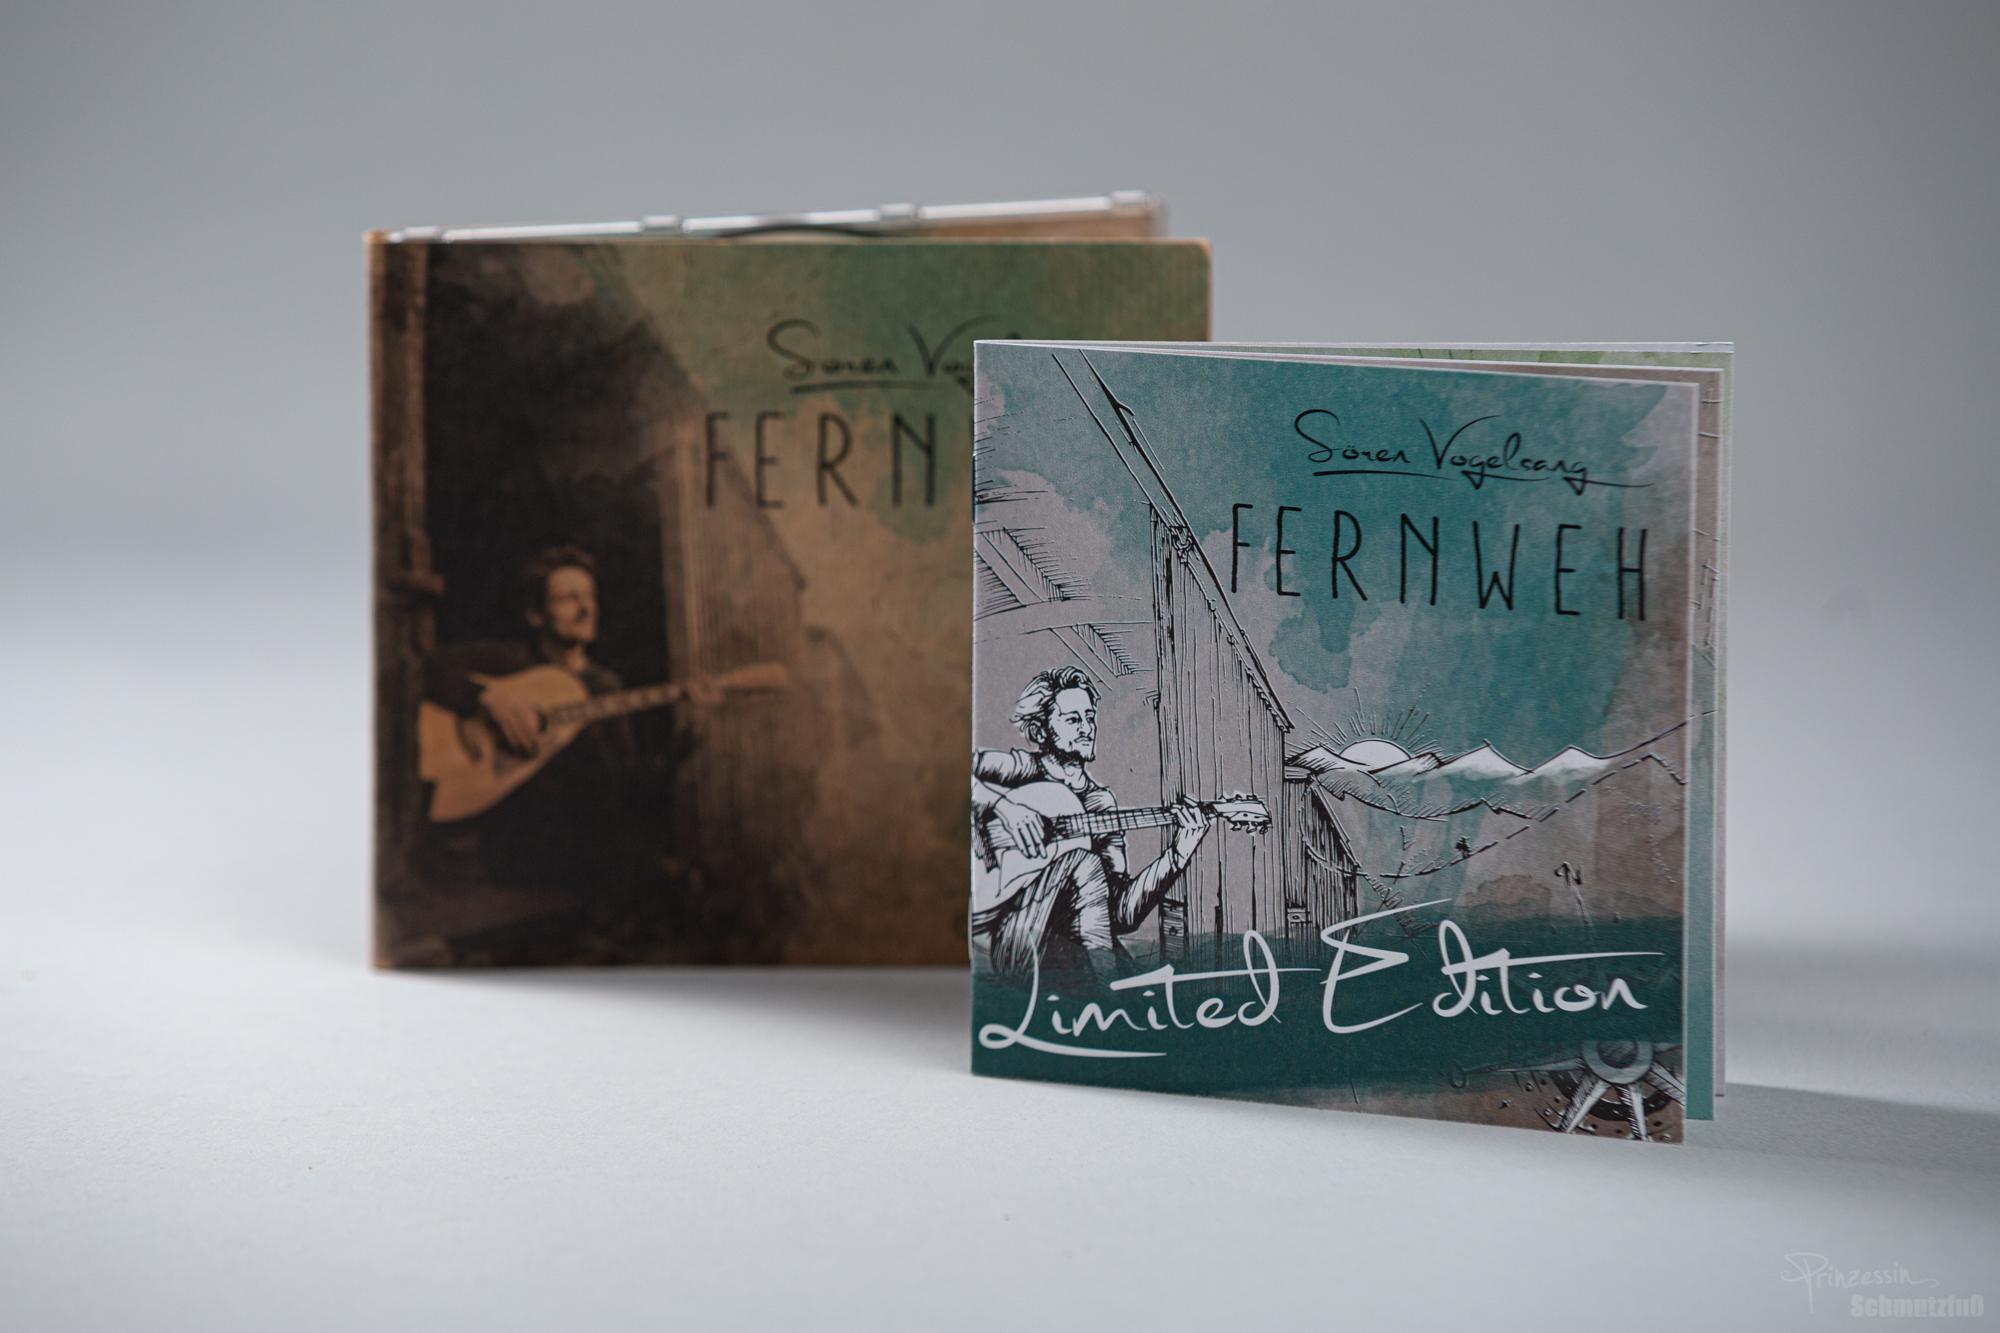 CD-Gestaltung | Digipack aus Bierpapier | Booklet auf Naturpapier im abgewandelten Stil | Sören Vogelsang Fernweh